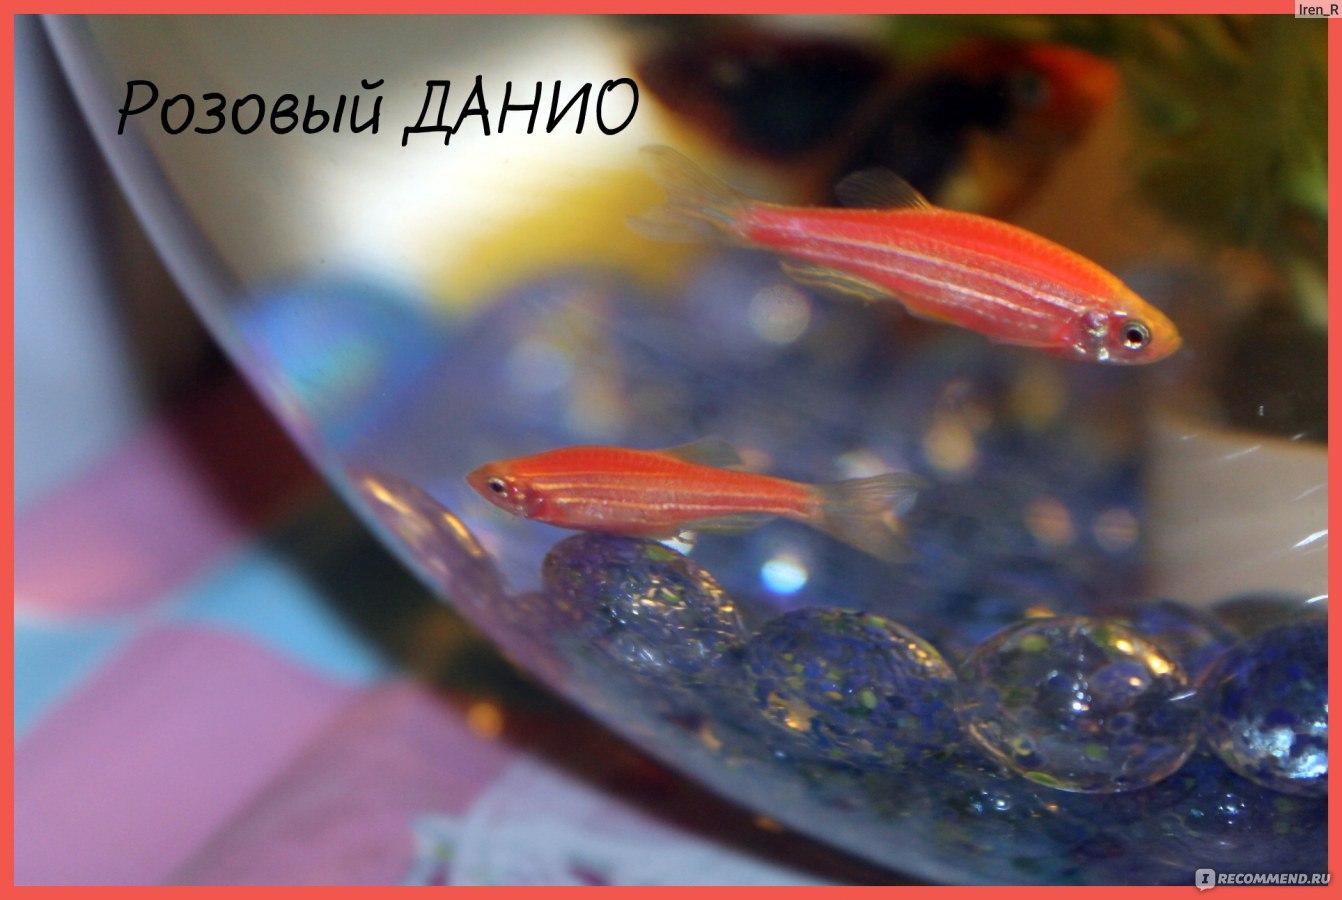 Беременная рыбка данио фото 71